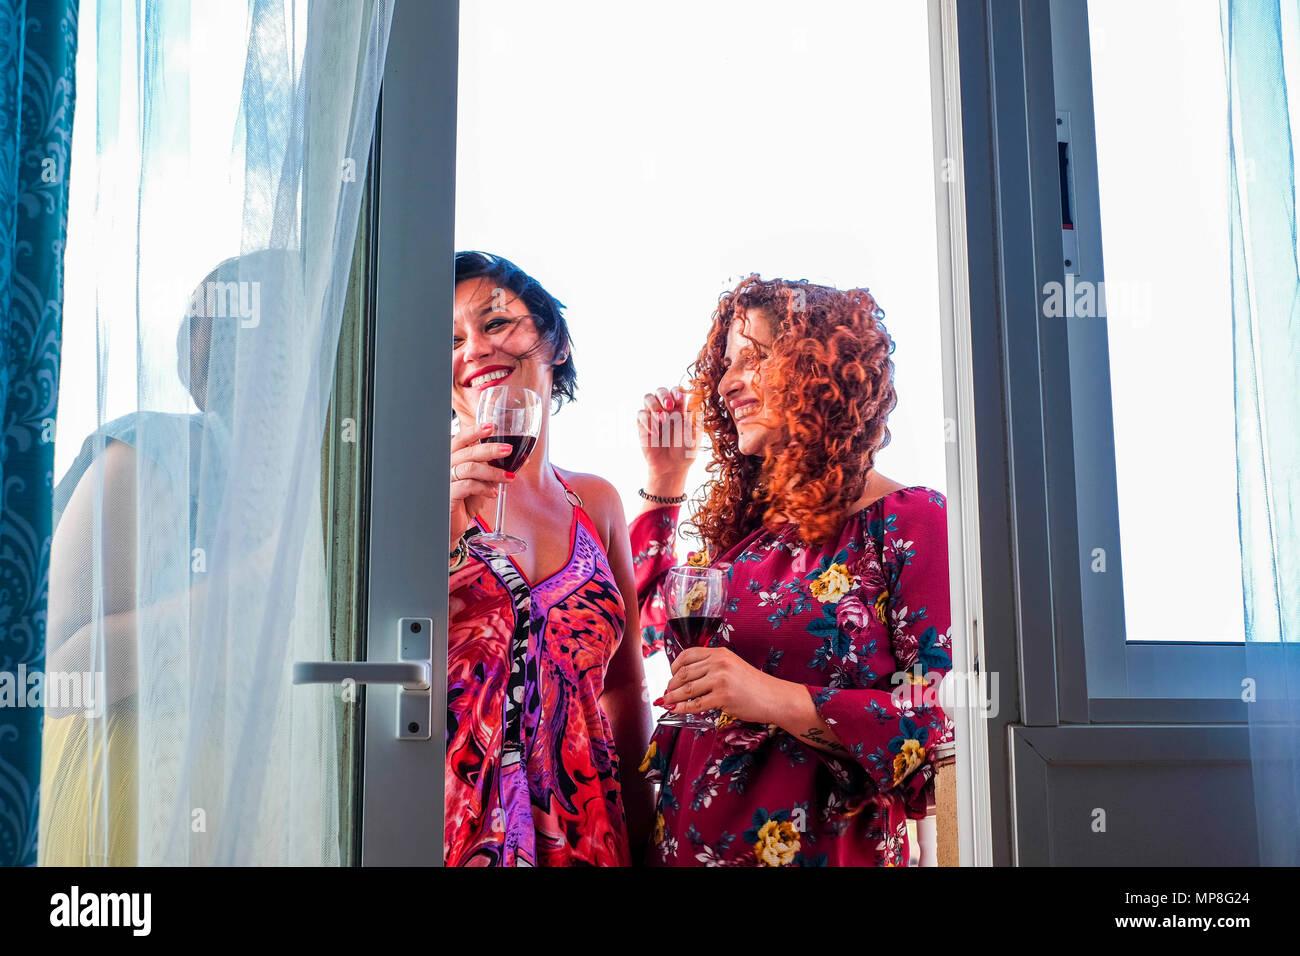 Drei kaukasischen Frauen Junge zu Hause im Freien auf der Terrasse, Feier und Party time Trinken einer Tasse Wein. Lächeln und Glück in der Freundschaft Stockbild